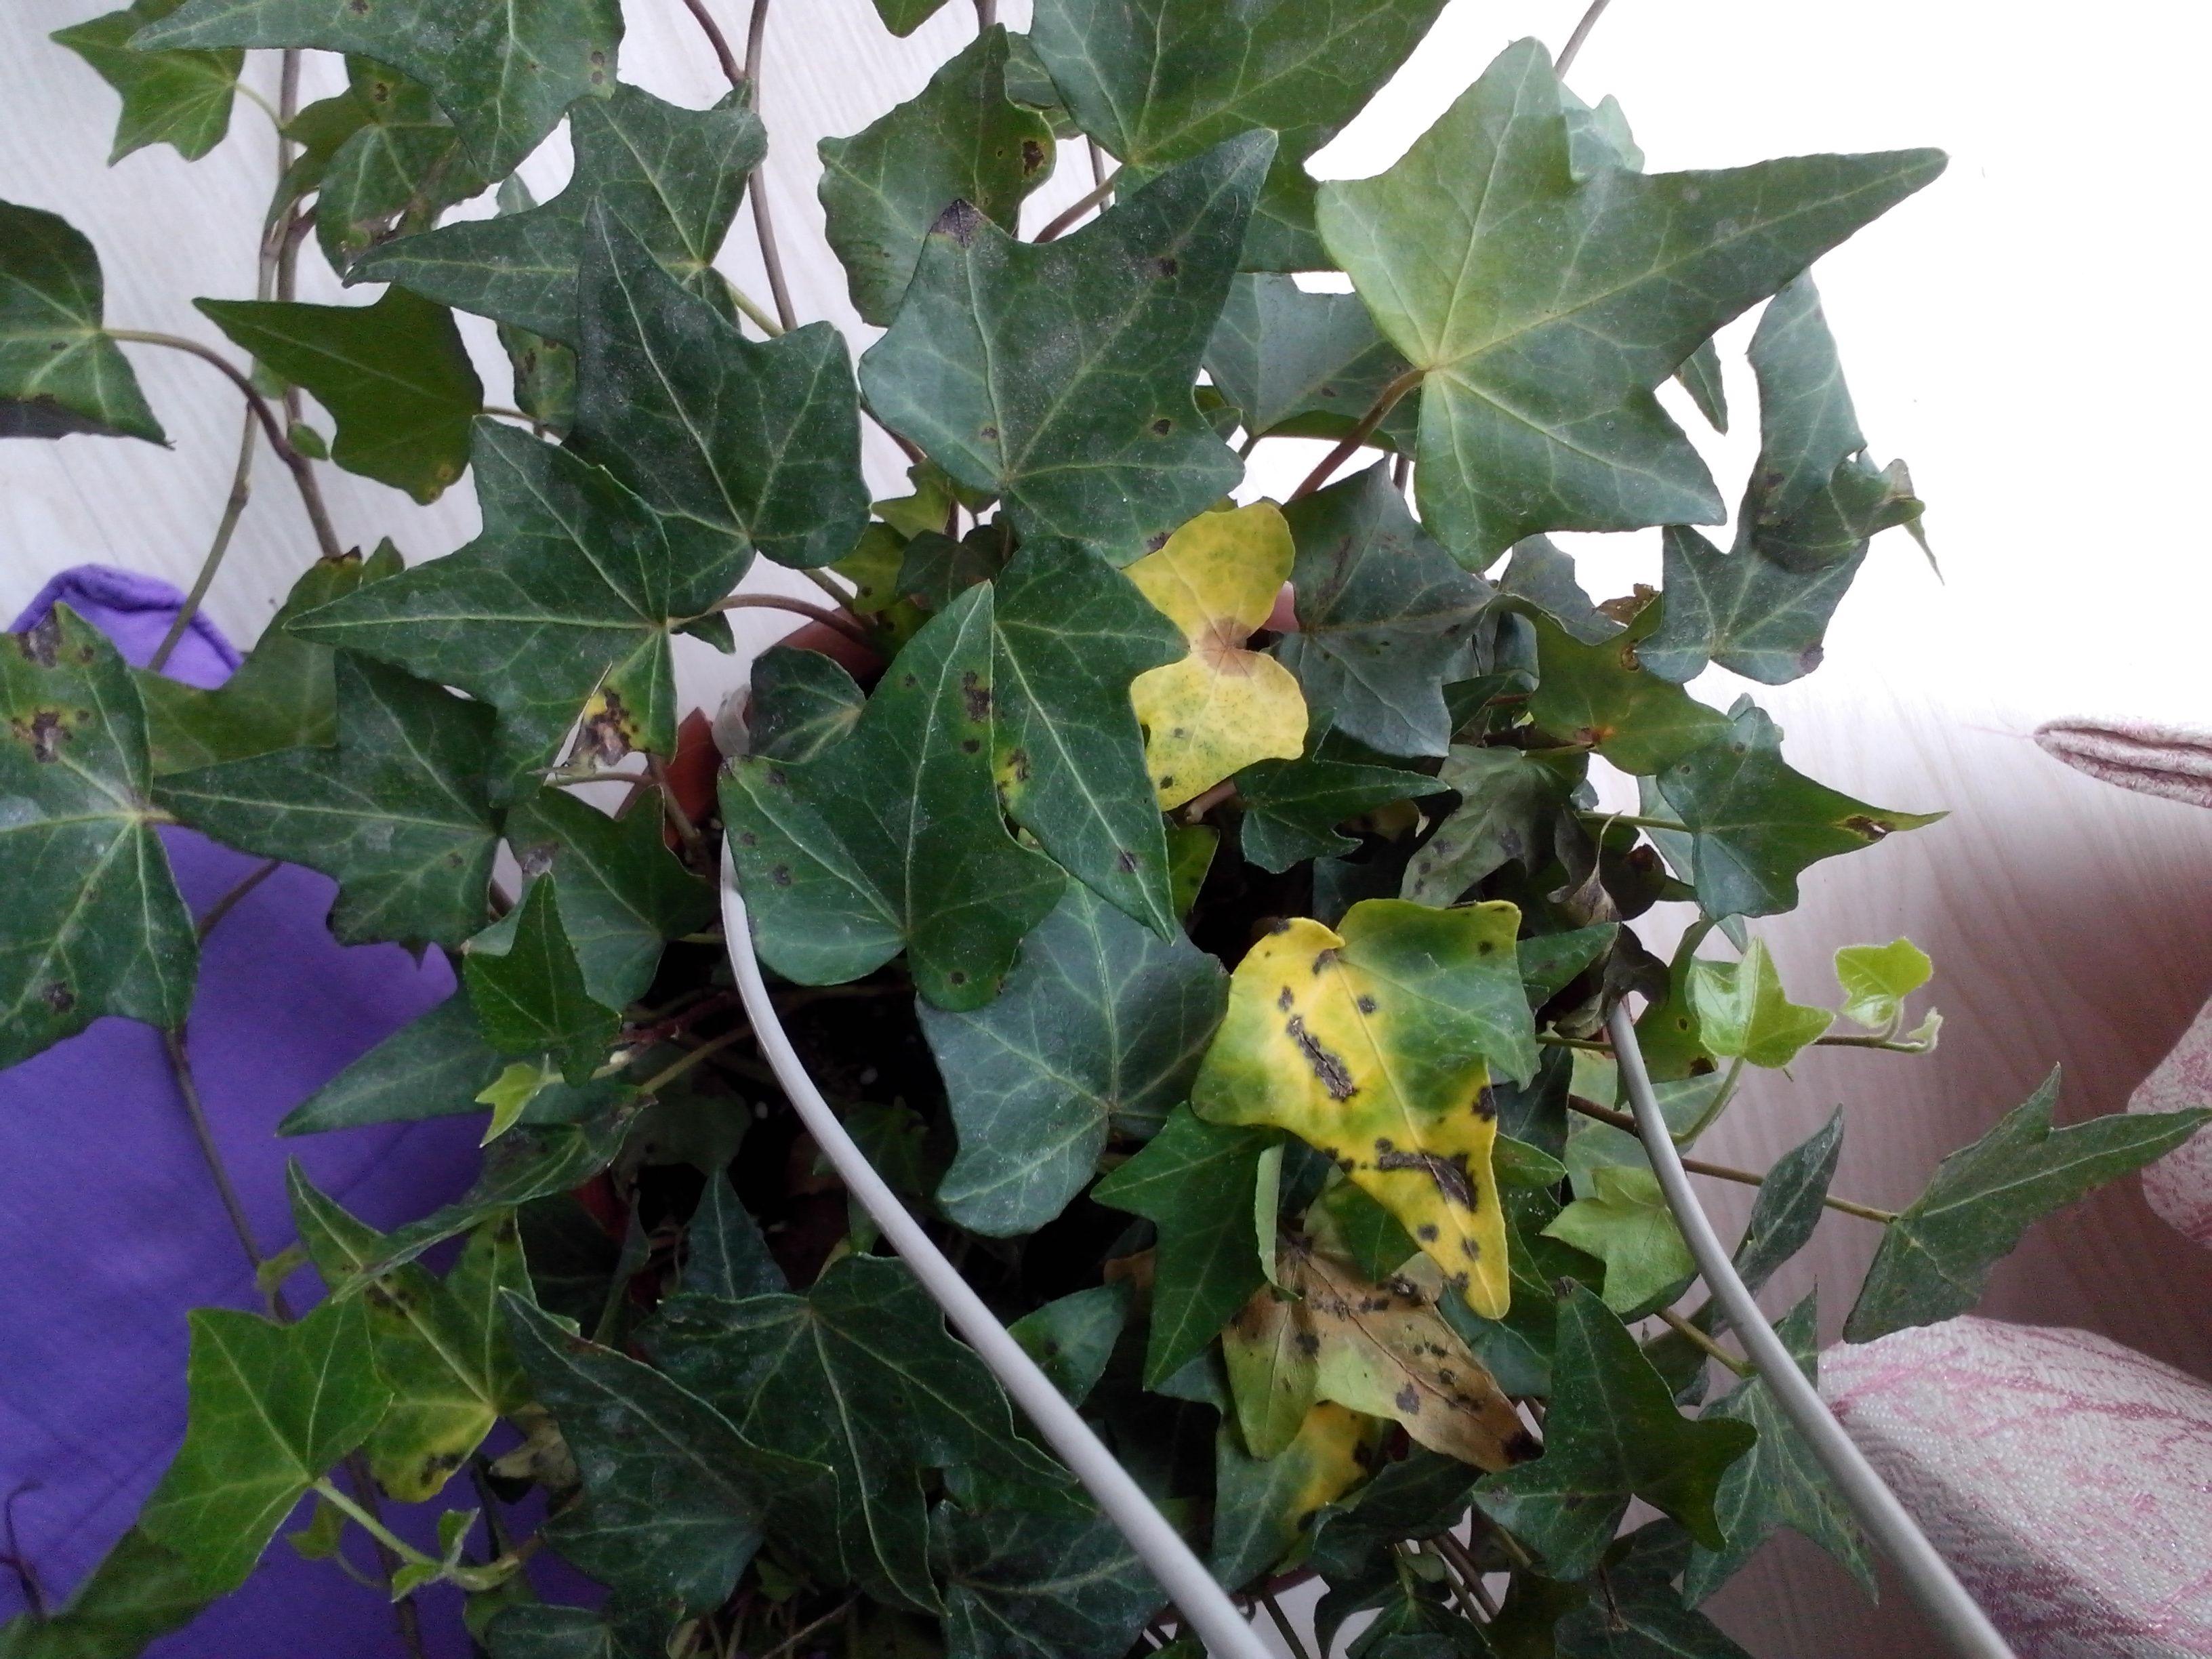 我家的常青藤 叶子发黄,还有黑色斑点是怎么回事?